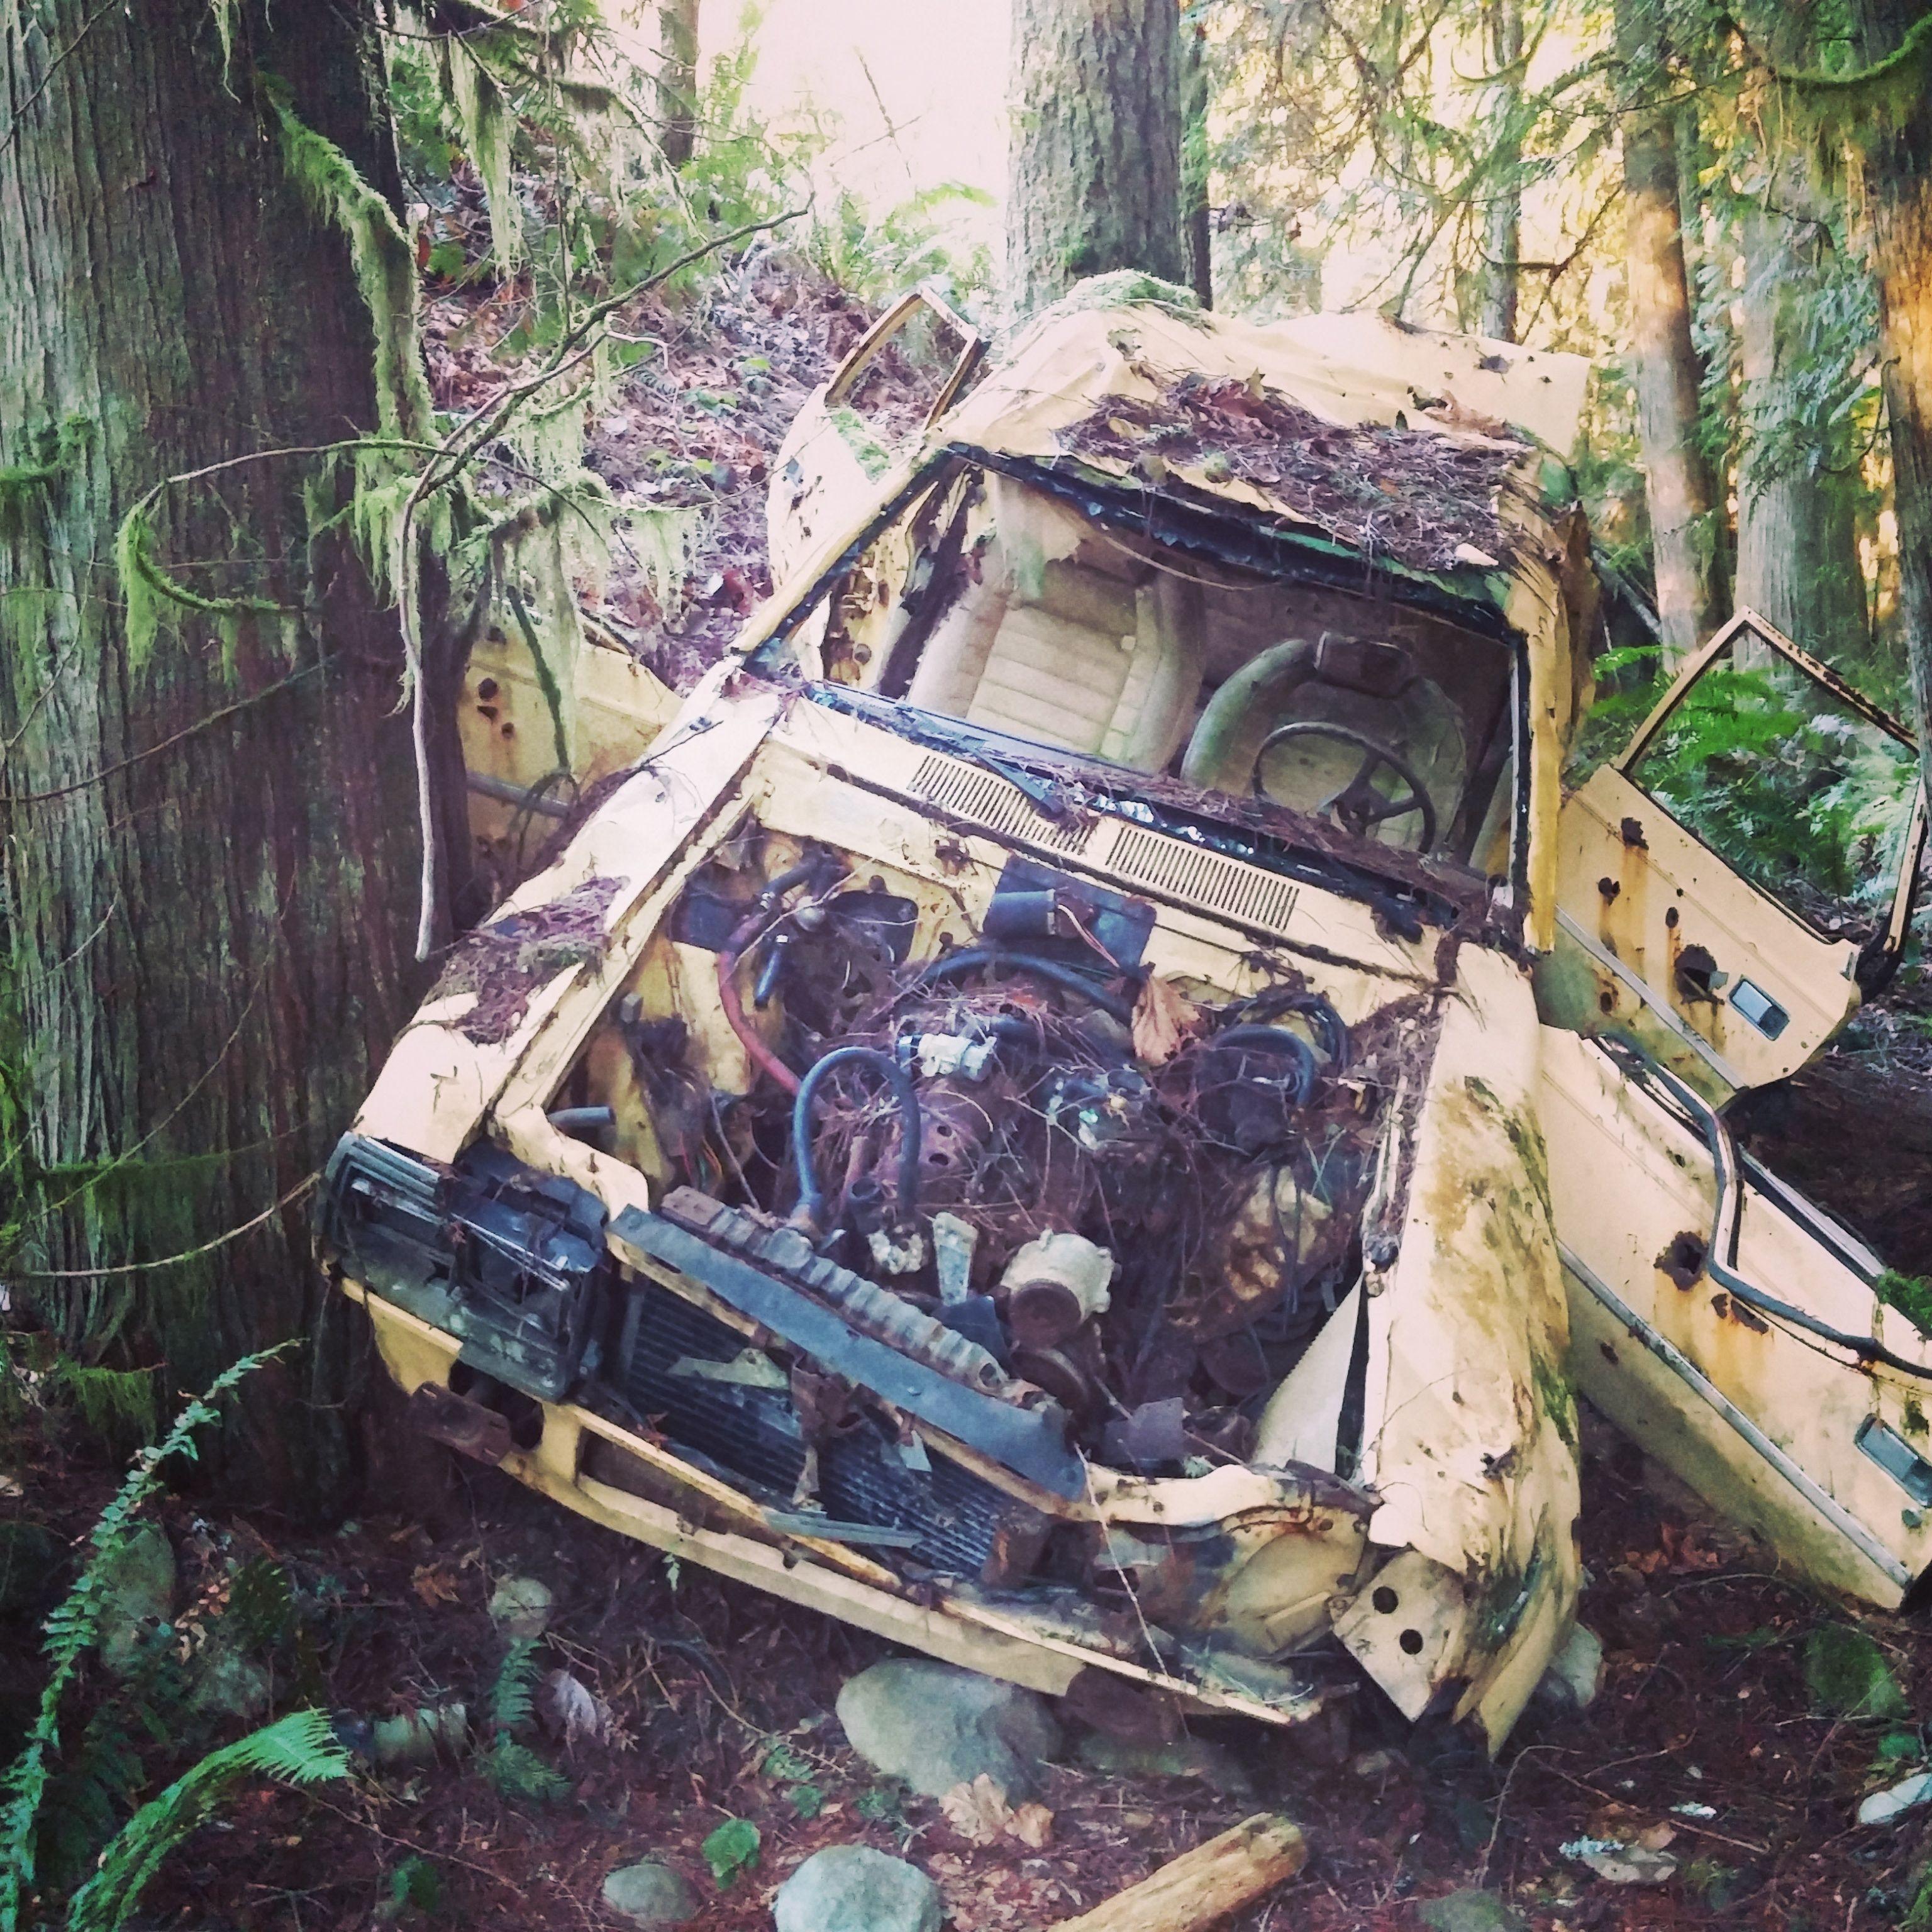 Abandoned Car In Woods Near Seattle Wa Oc 3072x3072 Abandoned Car Abandoned Car